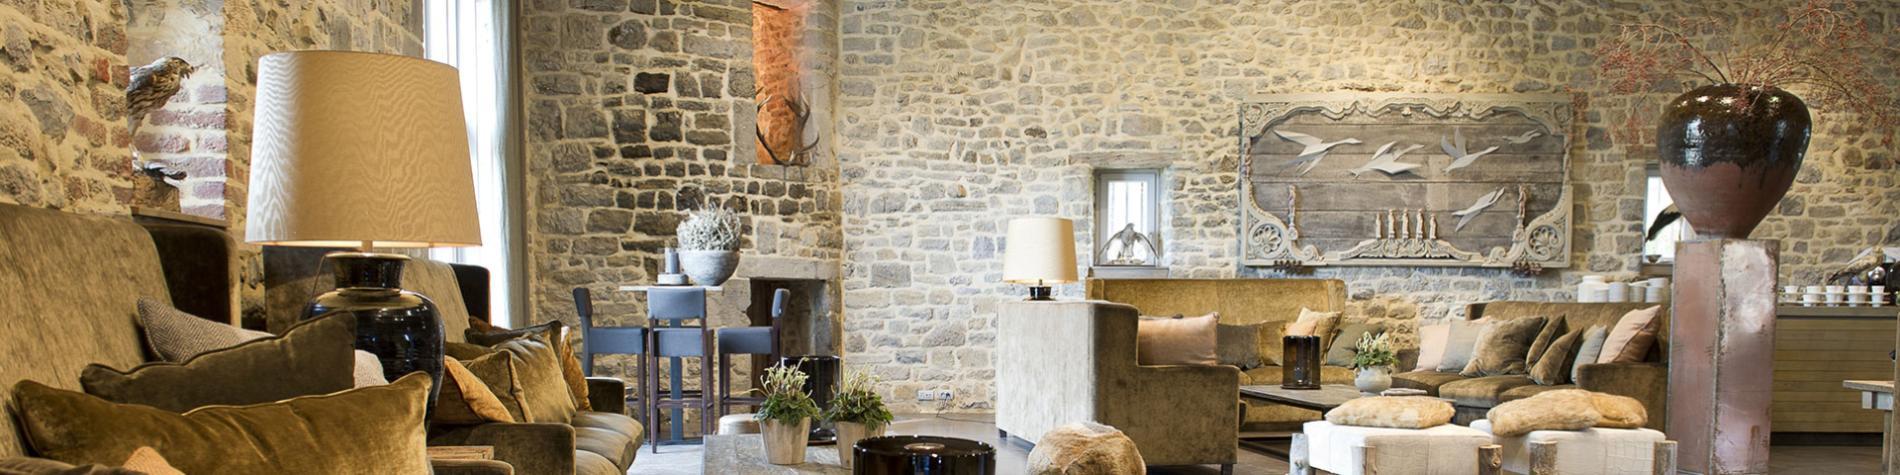 lobby avec canapé et fauteuils avec murs de briques